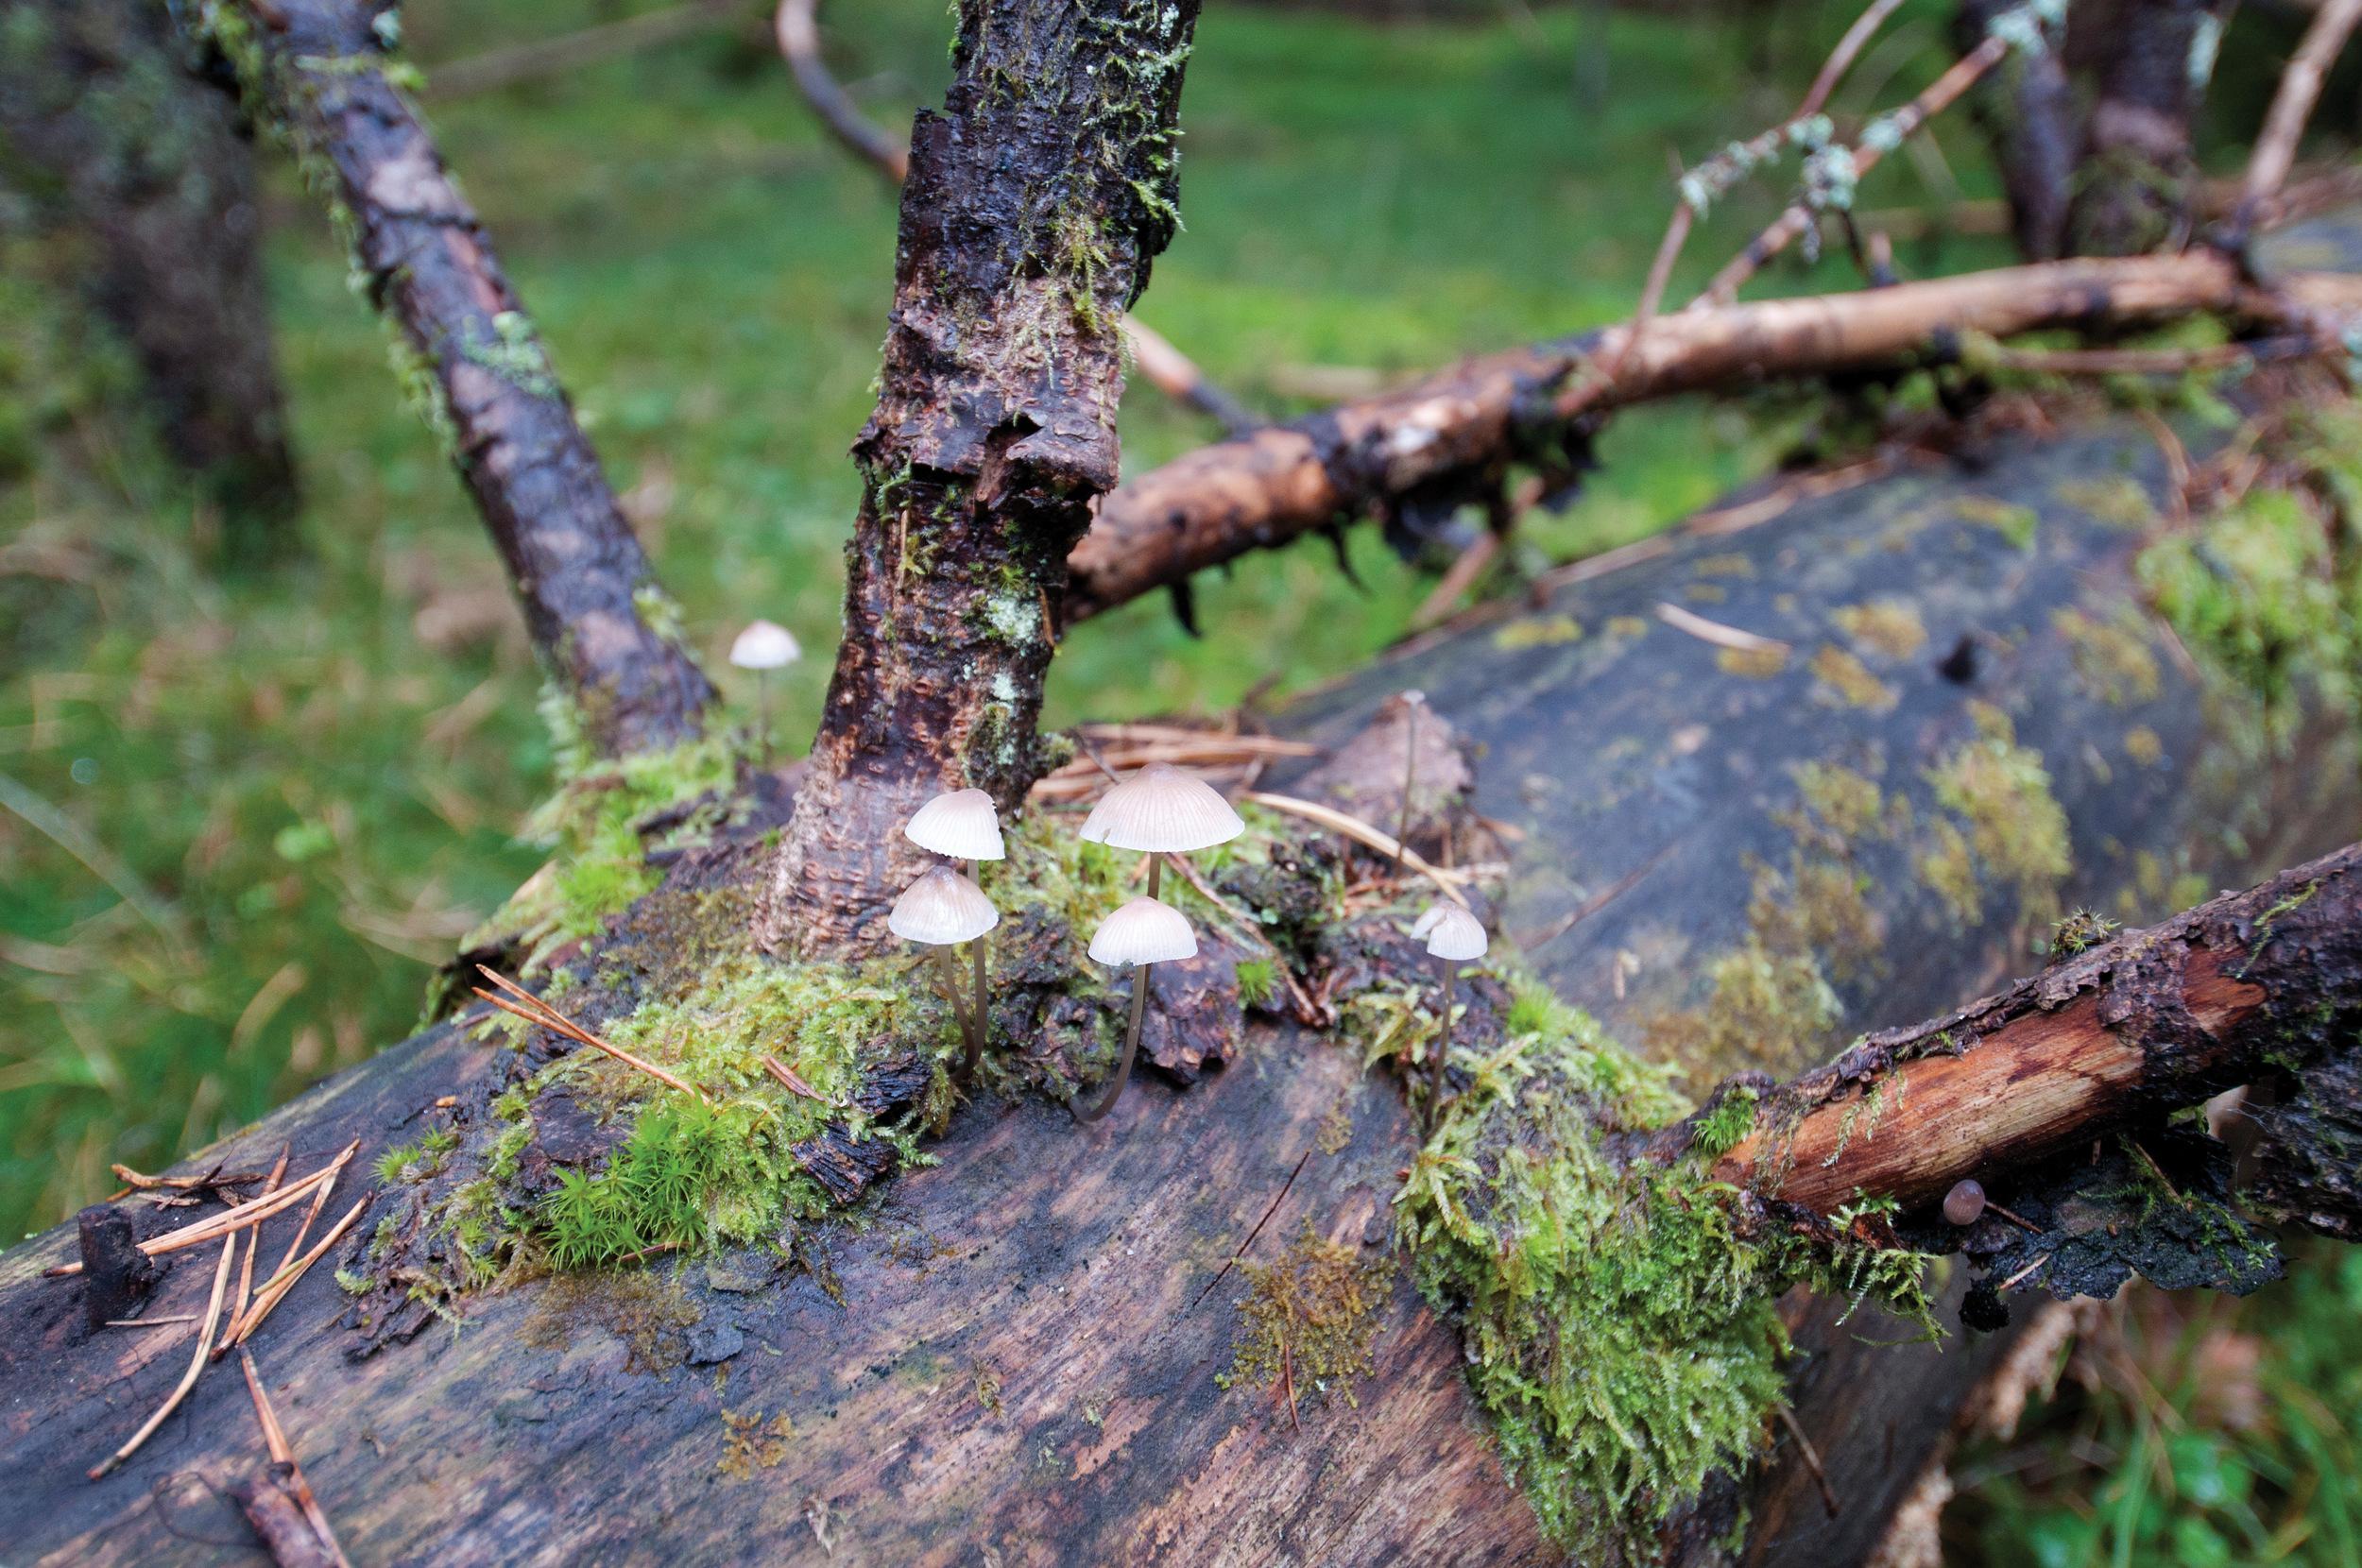 Naturindeksen for skog i 2015 viste en svak oppgang siden 1990, men ligger fortsatt på en relativt lav verdi. Det var særlig indikatorer for død ved og gamle trær, samt store rovdyr og nedbrytere som bidro til den lave indeksverdien, mens indikatorene for mengde død ved, hjortedyr, og blåbær bidro til den positive trenden.Utviklingen over tid illustrerer godt at endringer og dynamikken i skogen skjer langsomt. Nesodden, Akershus. Foto: Lars Sandved Dalen, NIBIO